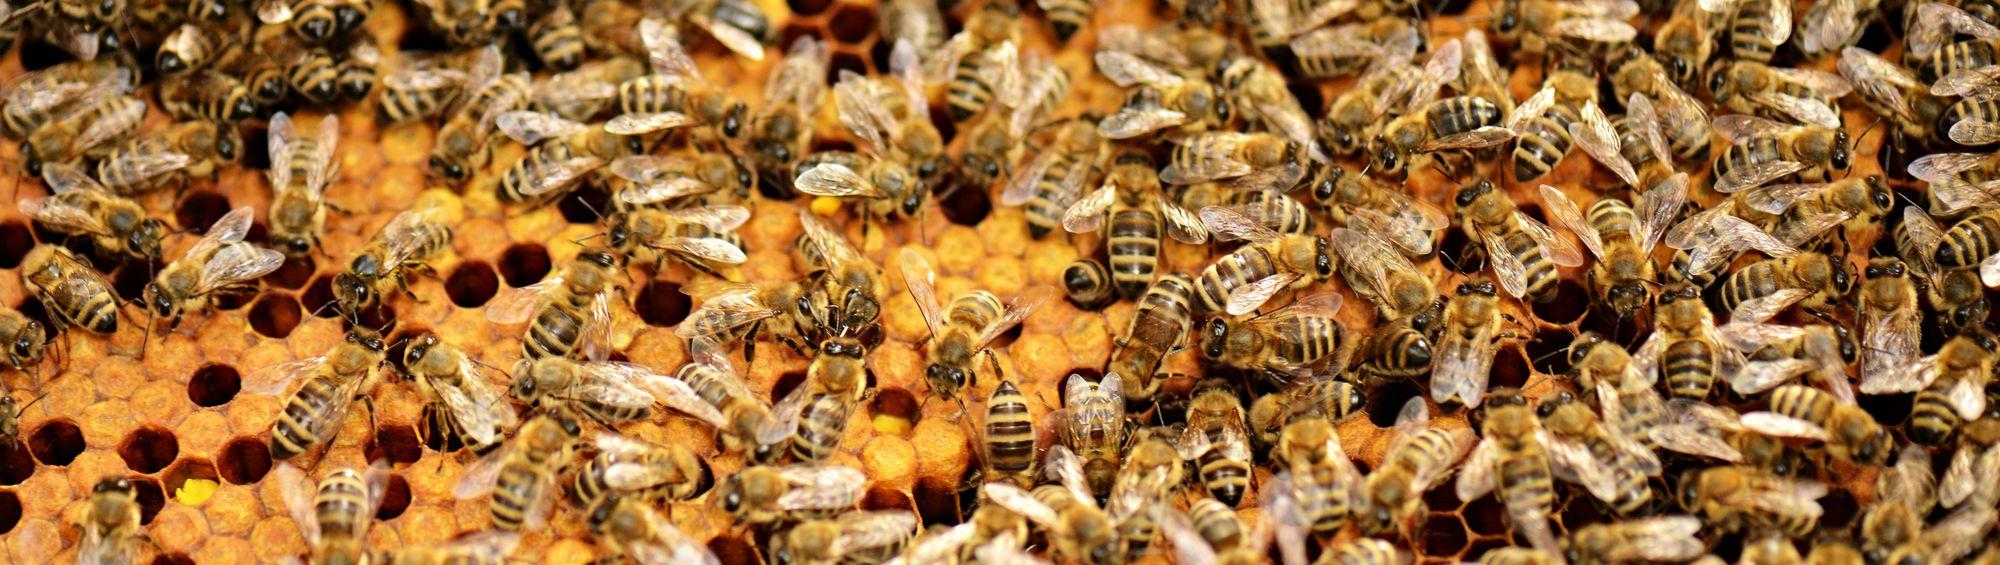 Bienen auf Waben bienen.jpeg